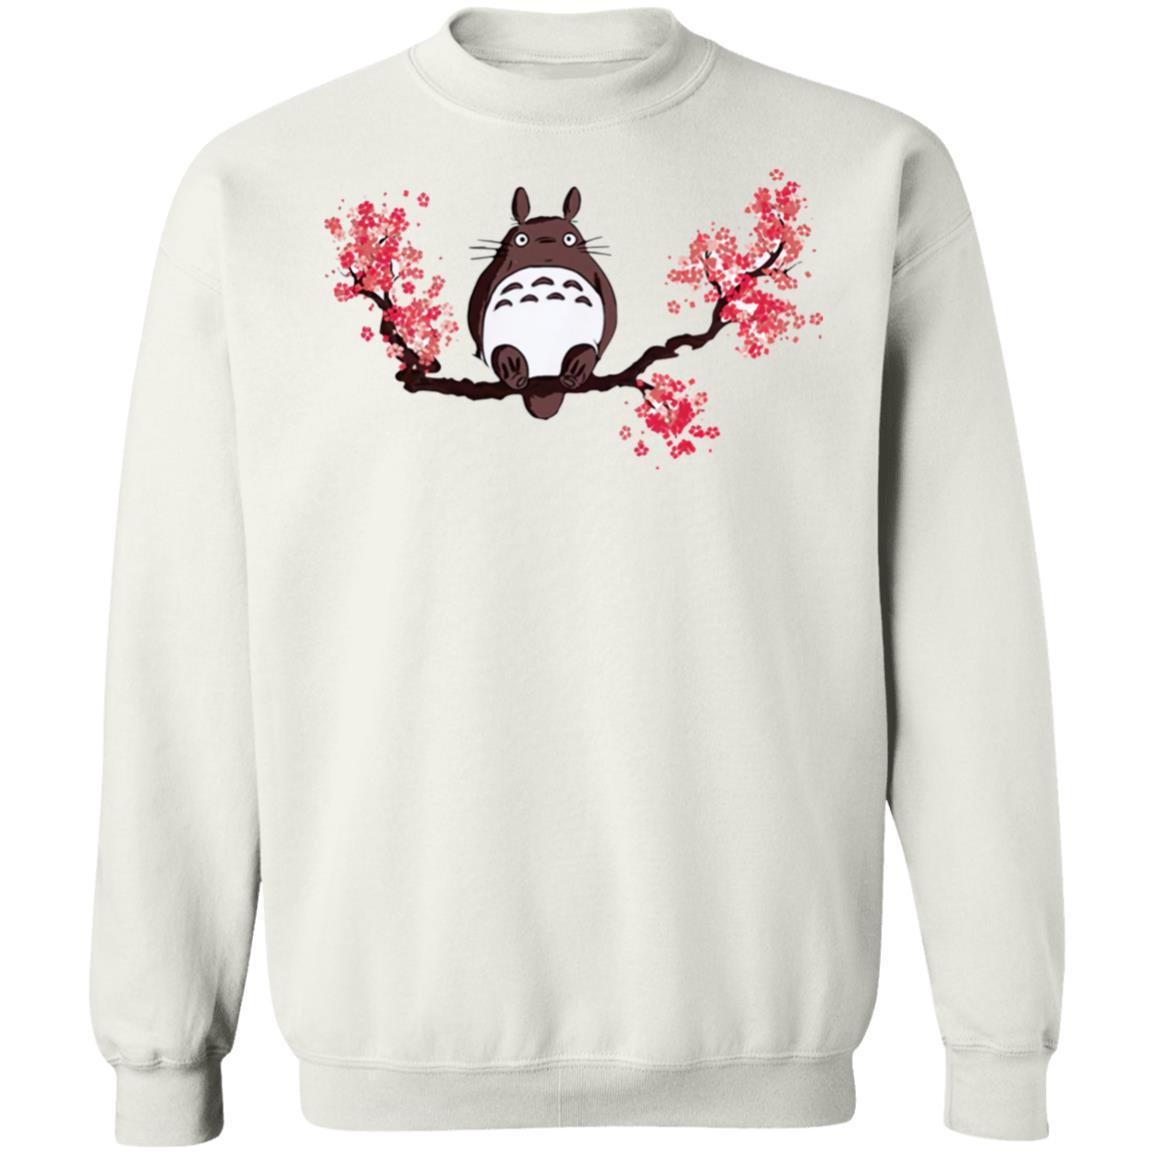 Totoro and Sakura Sweatshirt